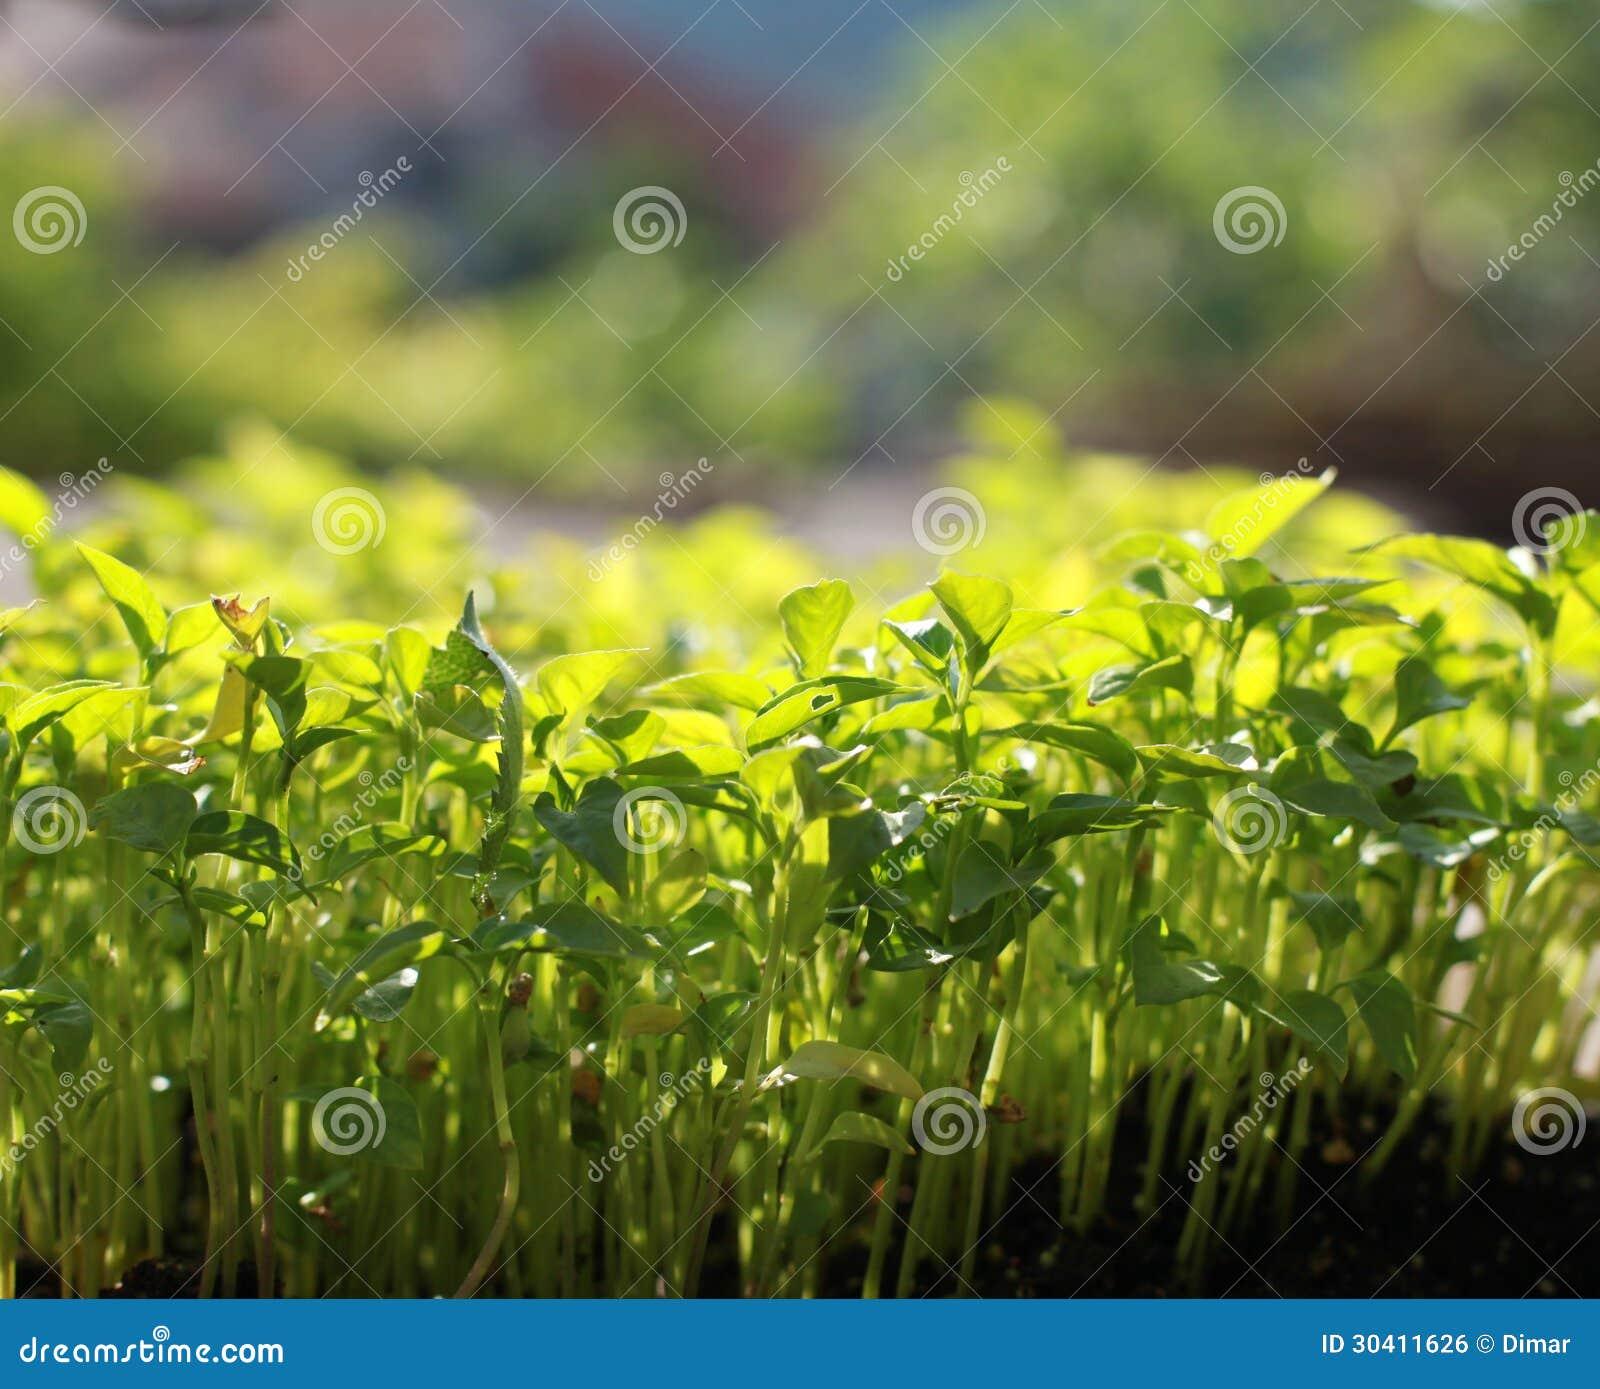 plants de pommes de terre plant s image libre de droits image 30411626. Black Bedroom Furniture Sets. Home Design Ideas